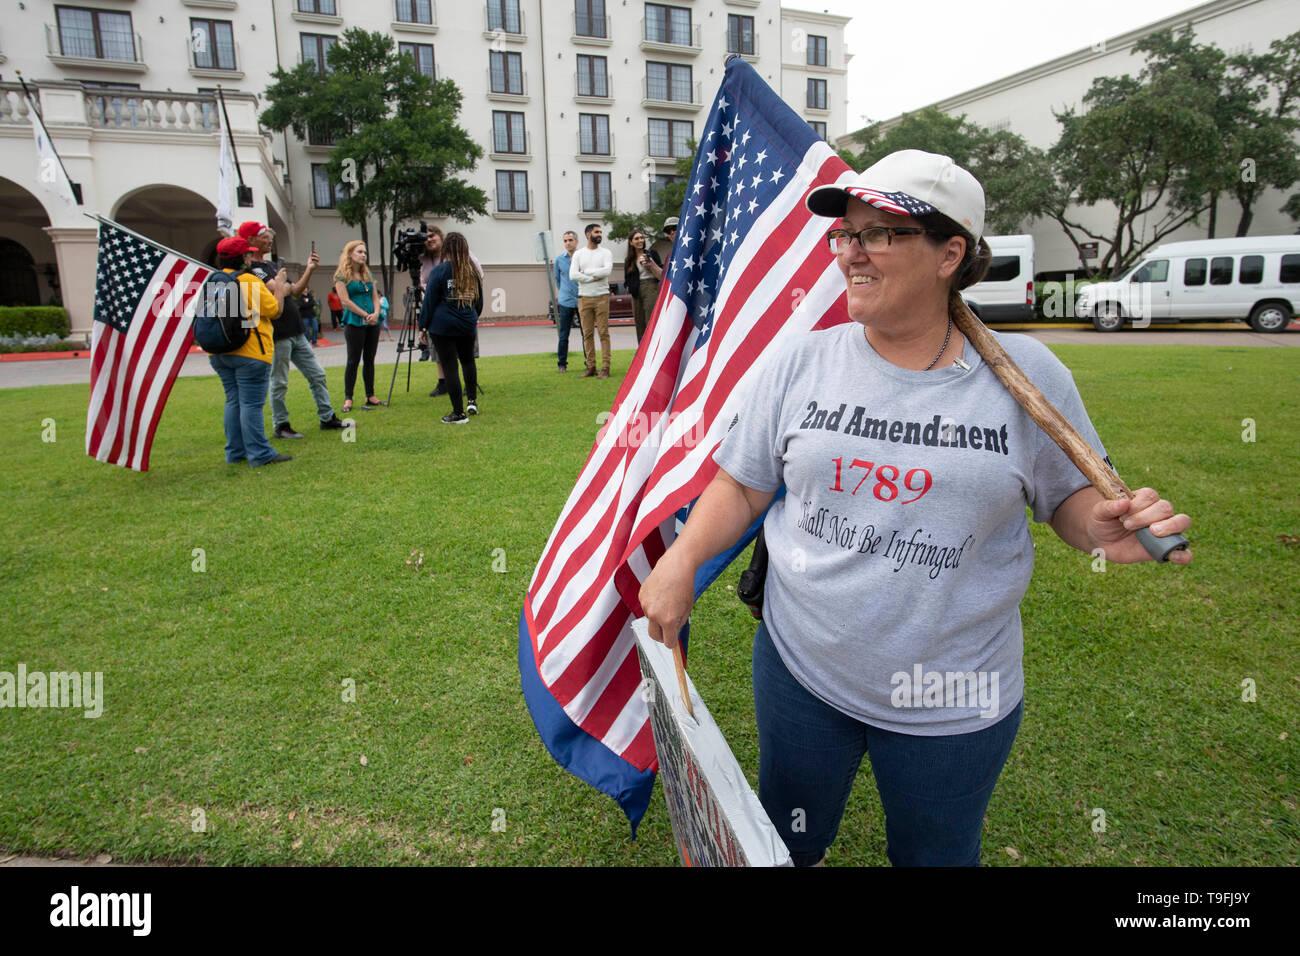 Anti-Muslim Demonstranten, darunter Melanie Bäche in Killeen, Texas, sammeln Vor dem Hotel wo Musselin Kongressabgeordnete Ilhan Omar von Minnesota an der Austin City mit einer Überschrift versehen - breite iftar Abendessen. Stockbild